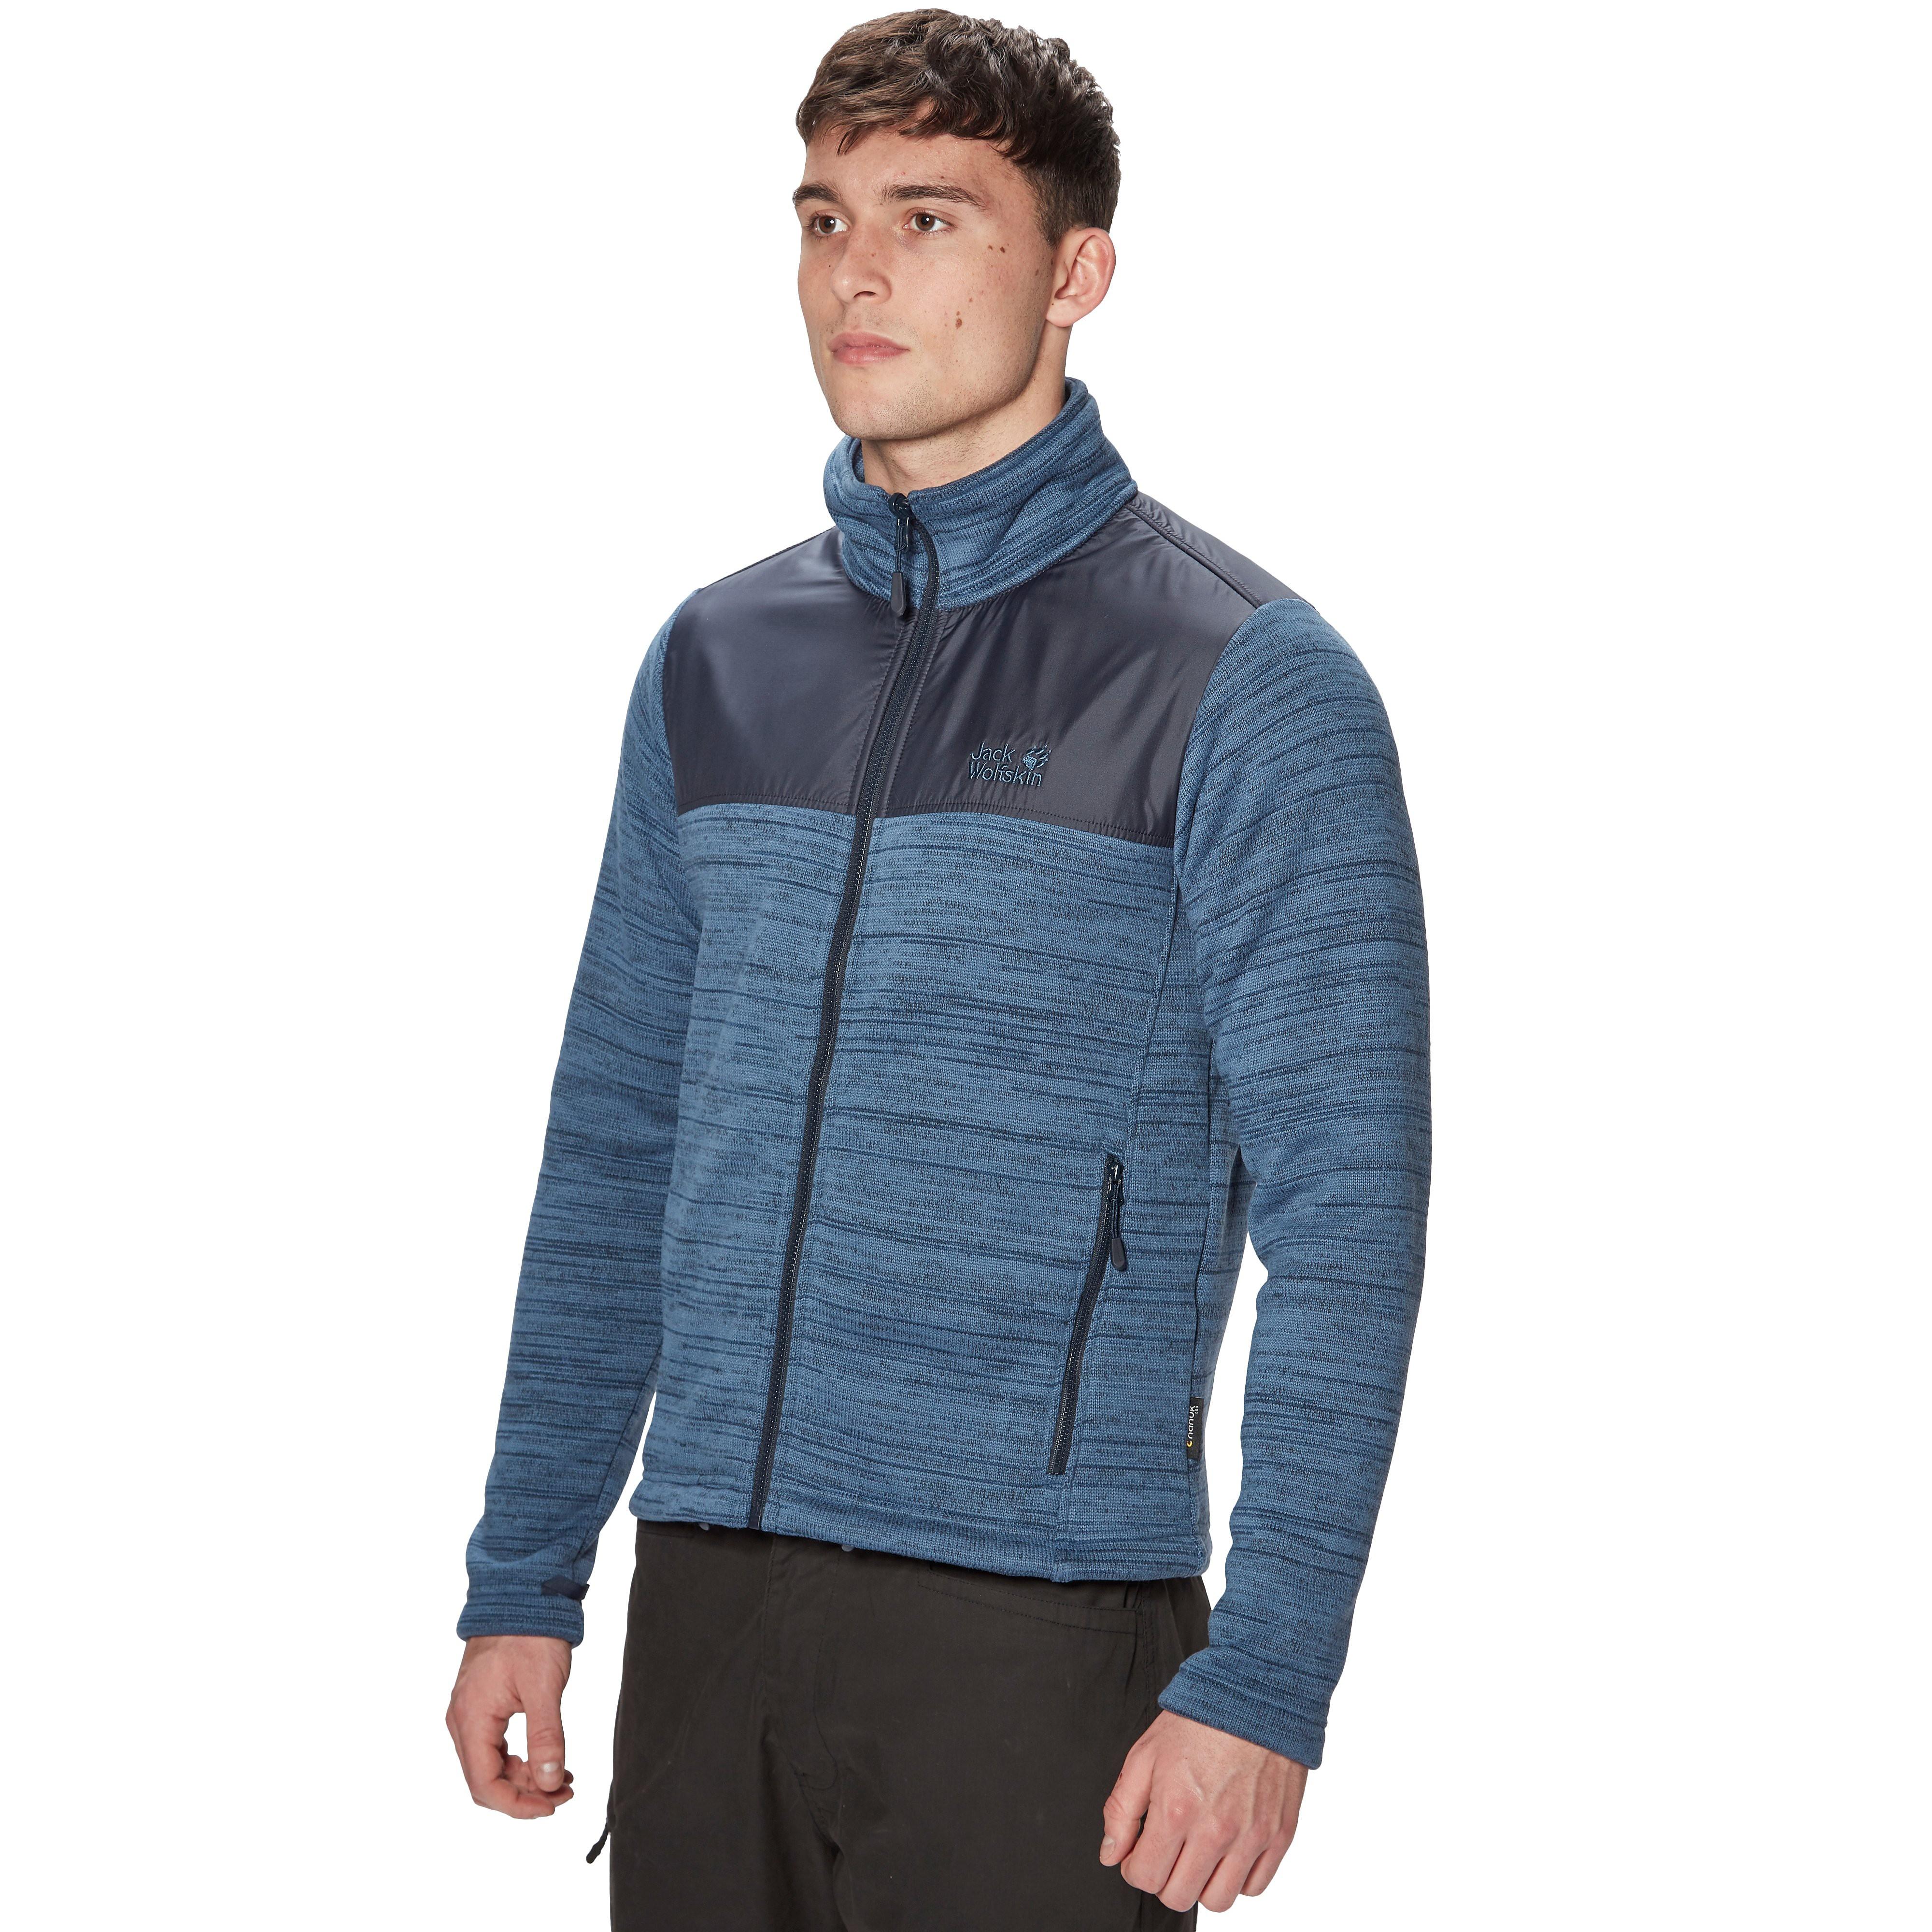 Jack Wolfskin Aquila Fleece Men's Jacket